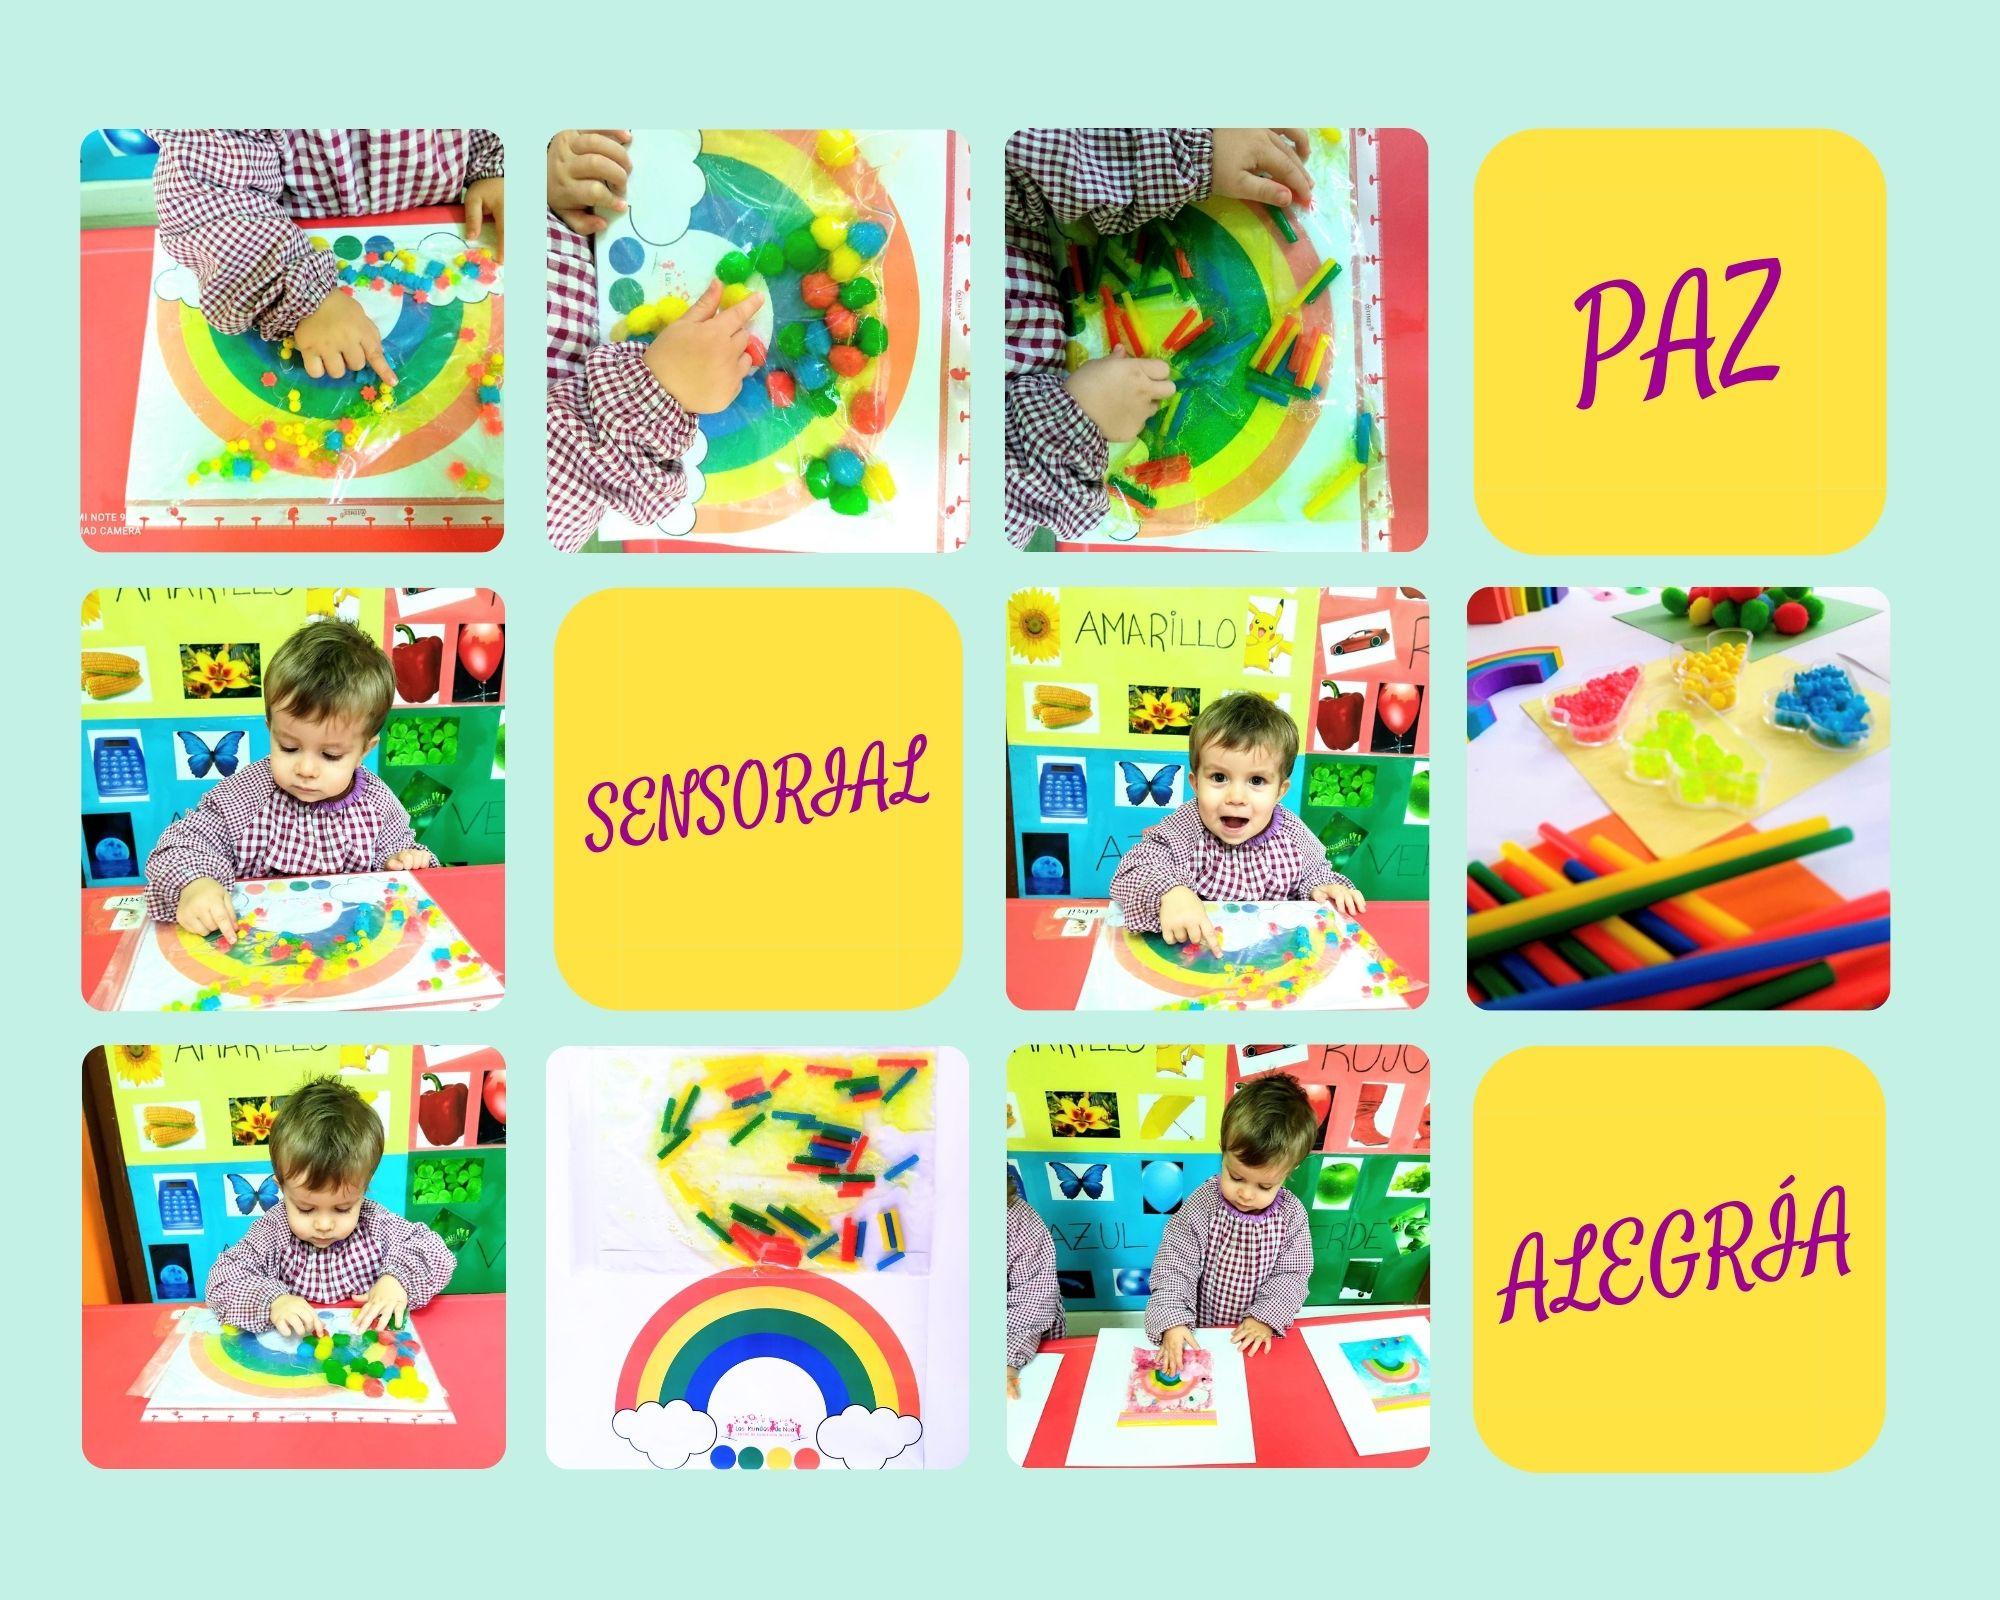 actividad infantil para el día de la paz